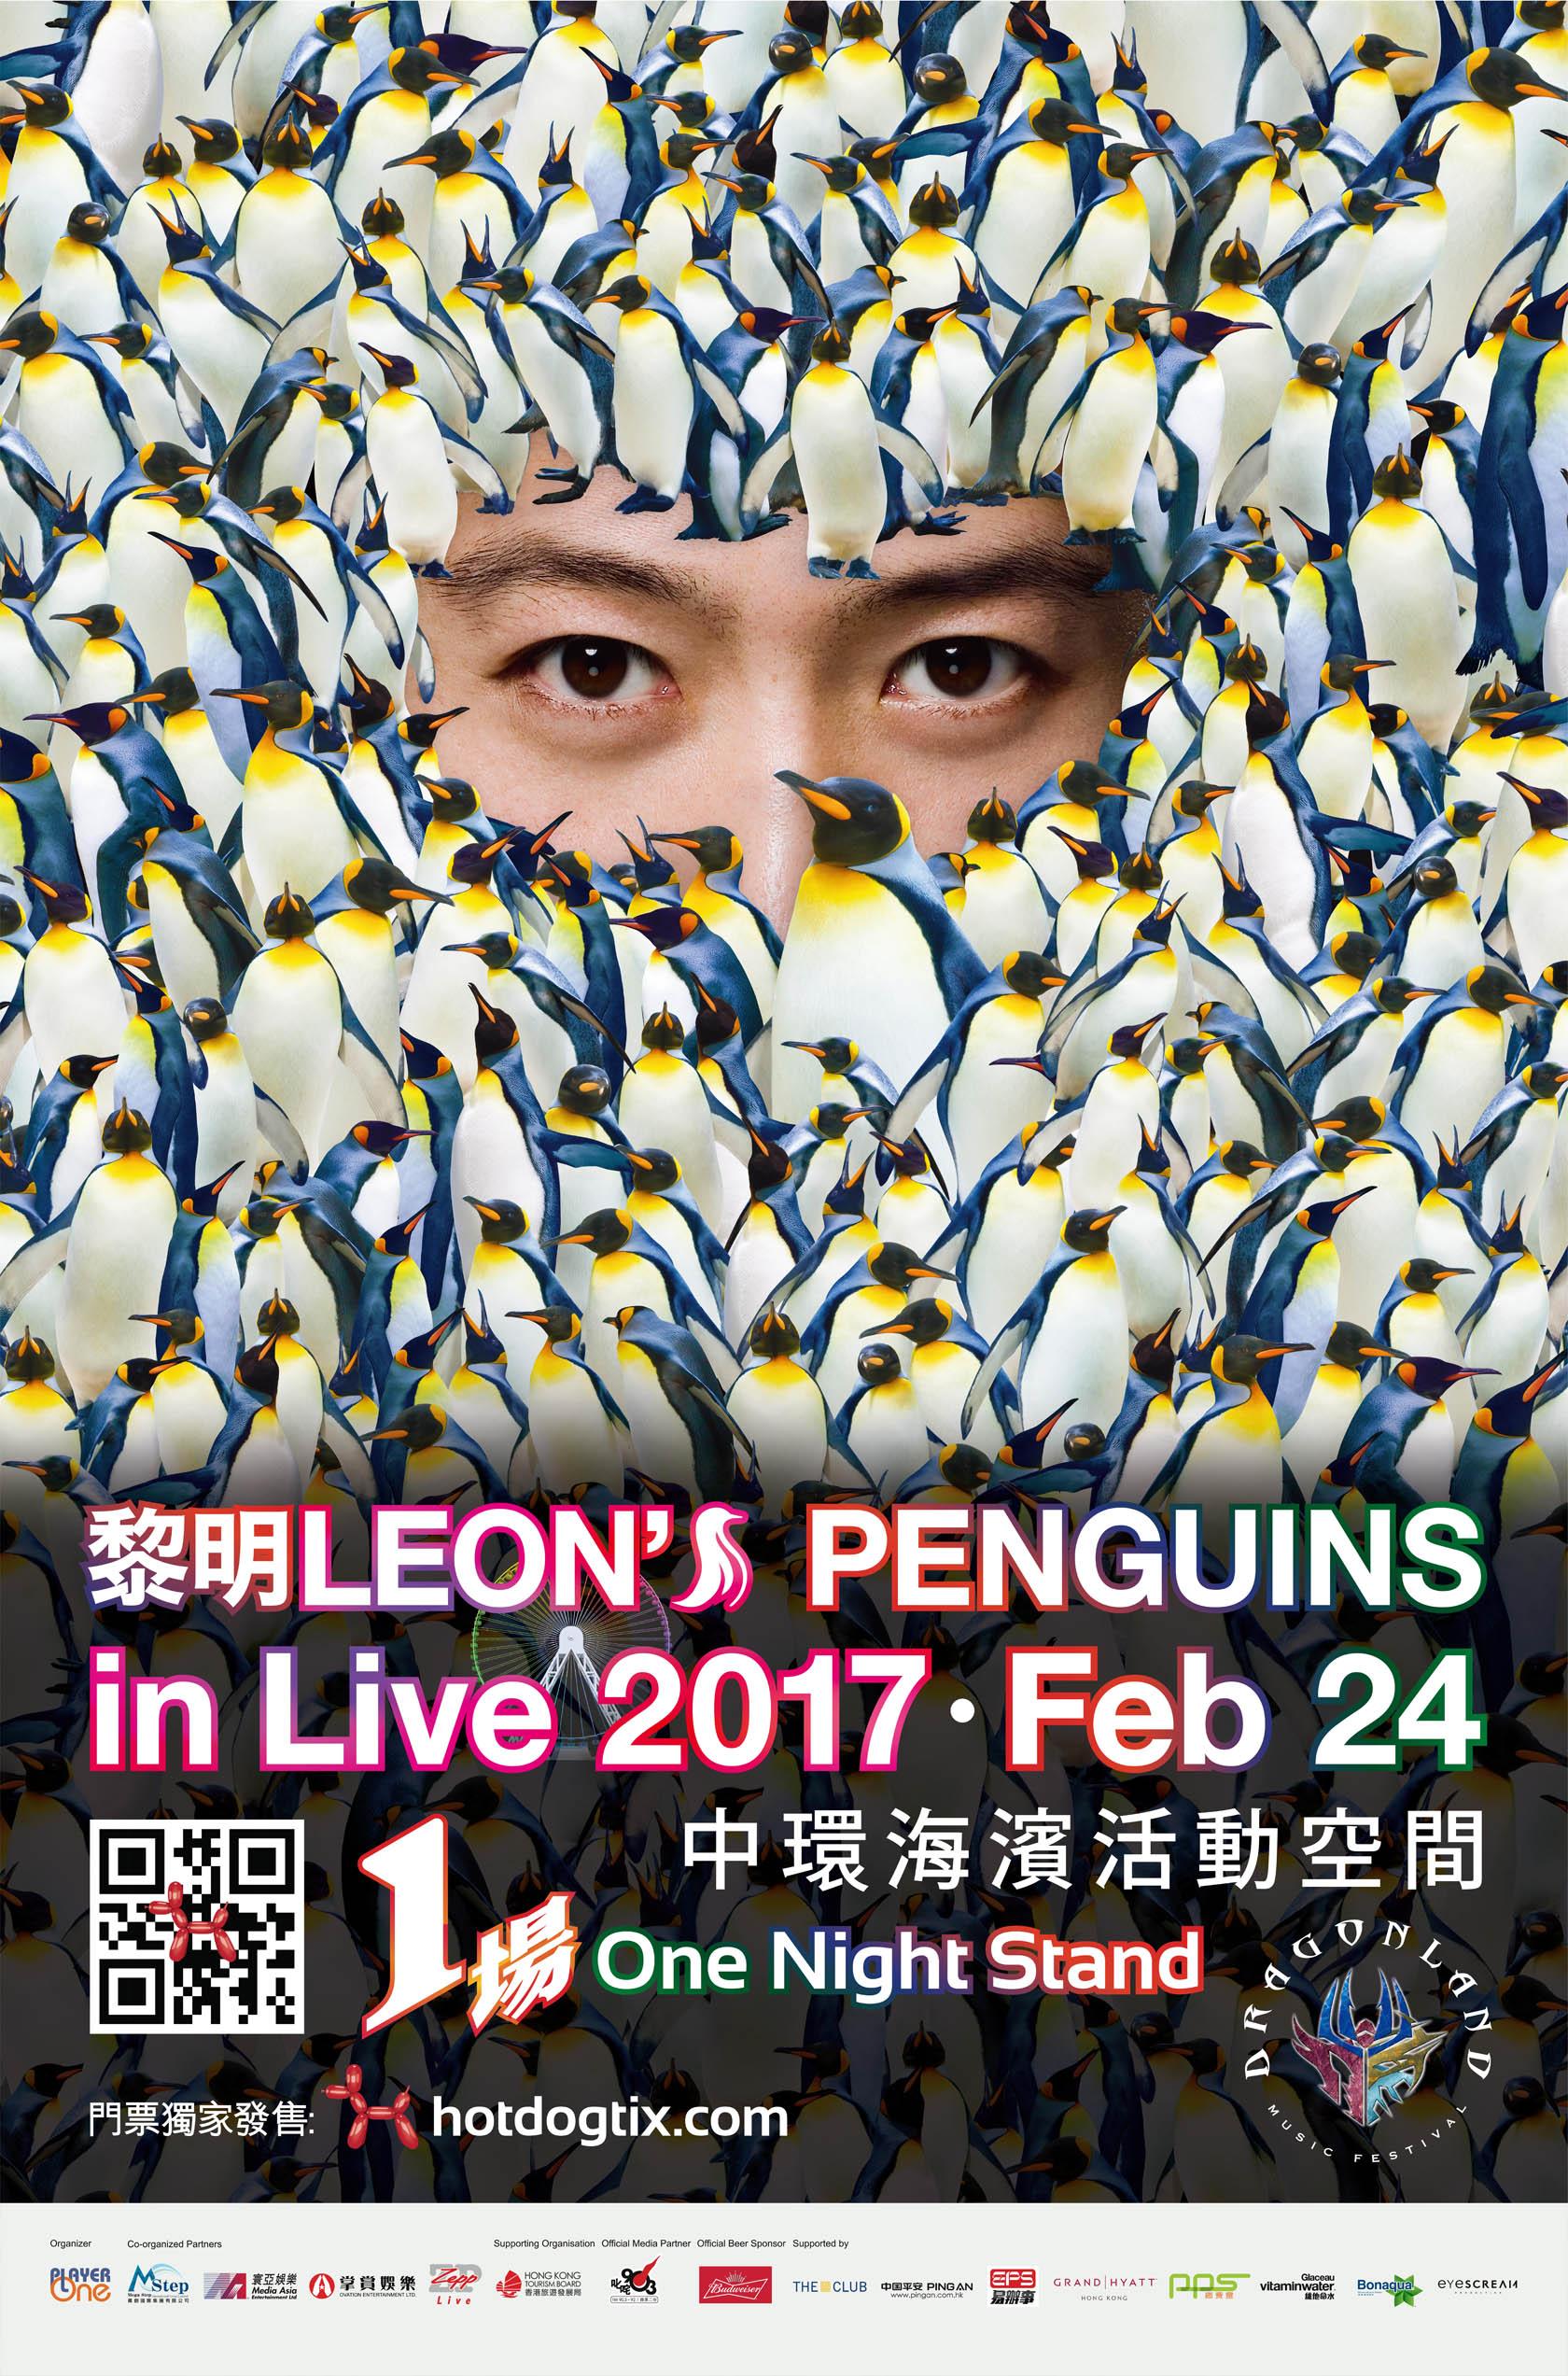 Penguins_4Sheet_1010Hx1530Wmm